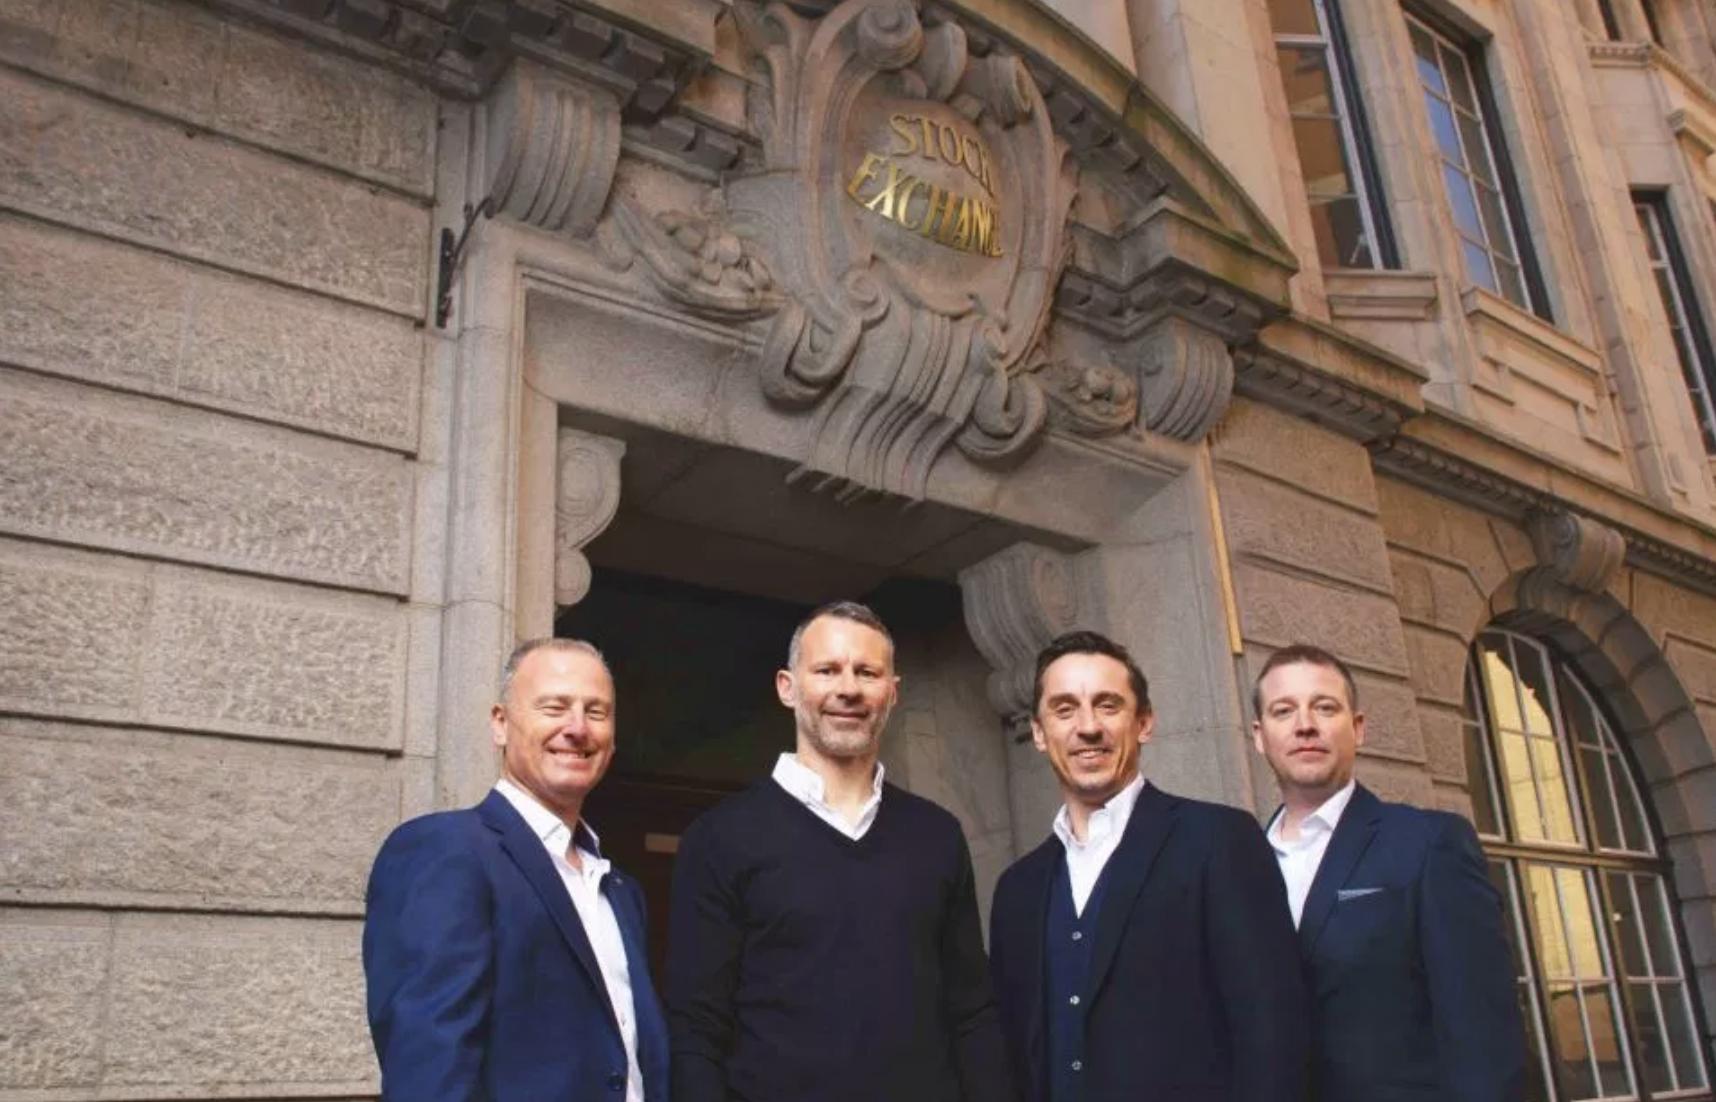 队友变生意伙伴!内维尔、吉格斯共同收购曼市酒店